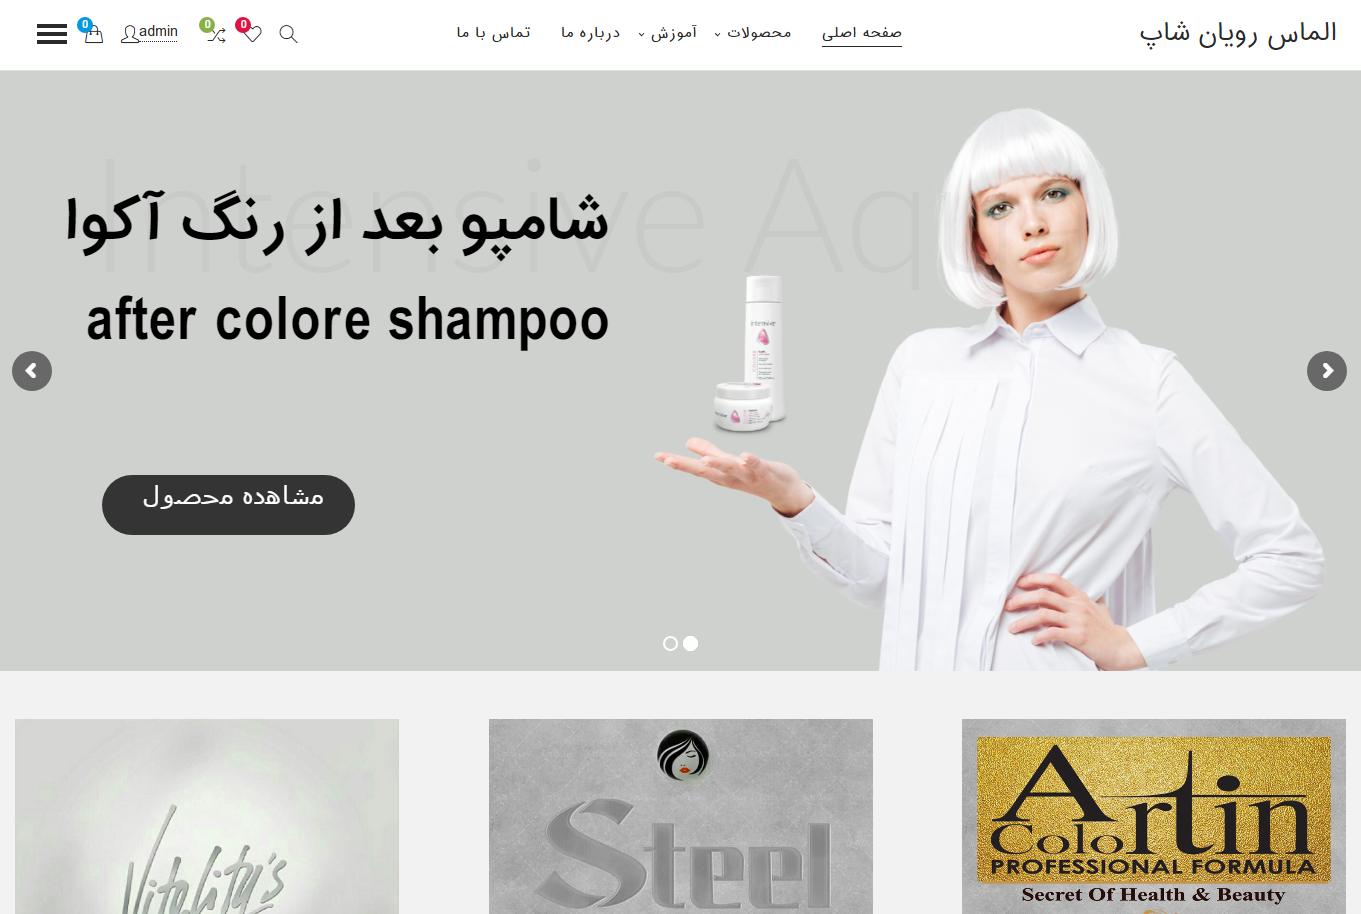 وبسایت almasroyanshop